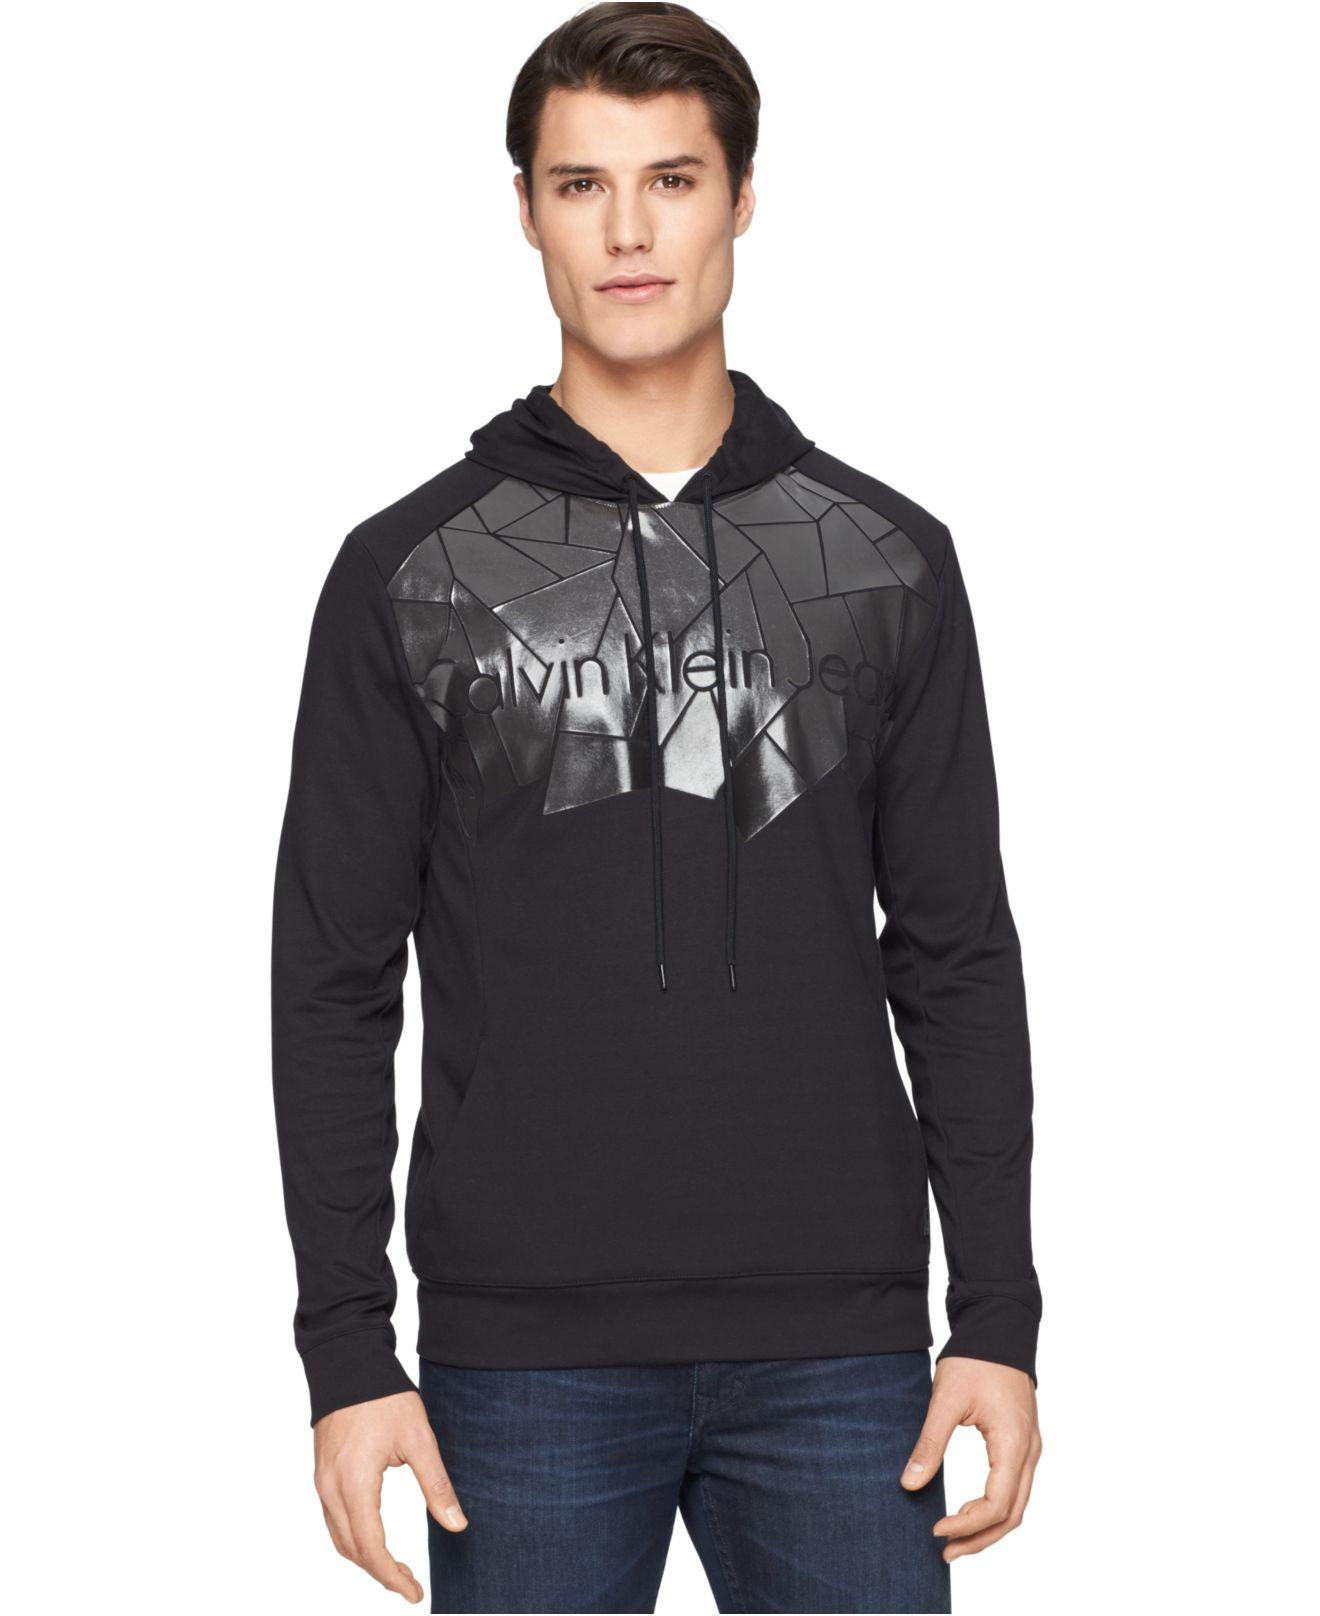 calvin klein jeans blue depths hoodie in black for men lyst. Black Bedroom Furniture Sets. Home Design Ideas